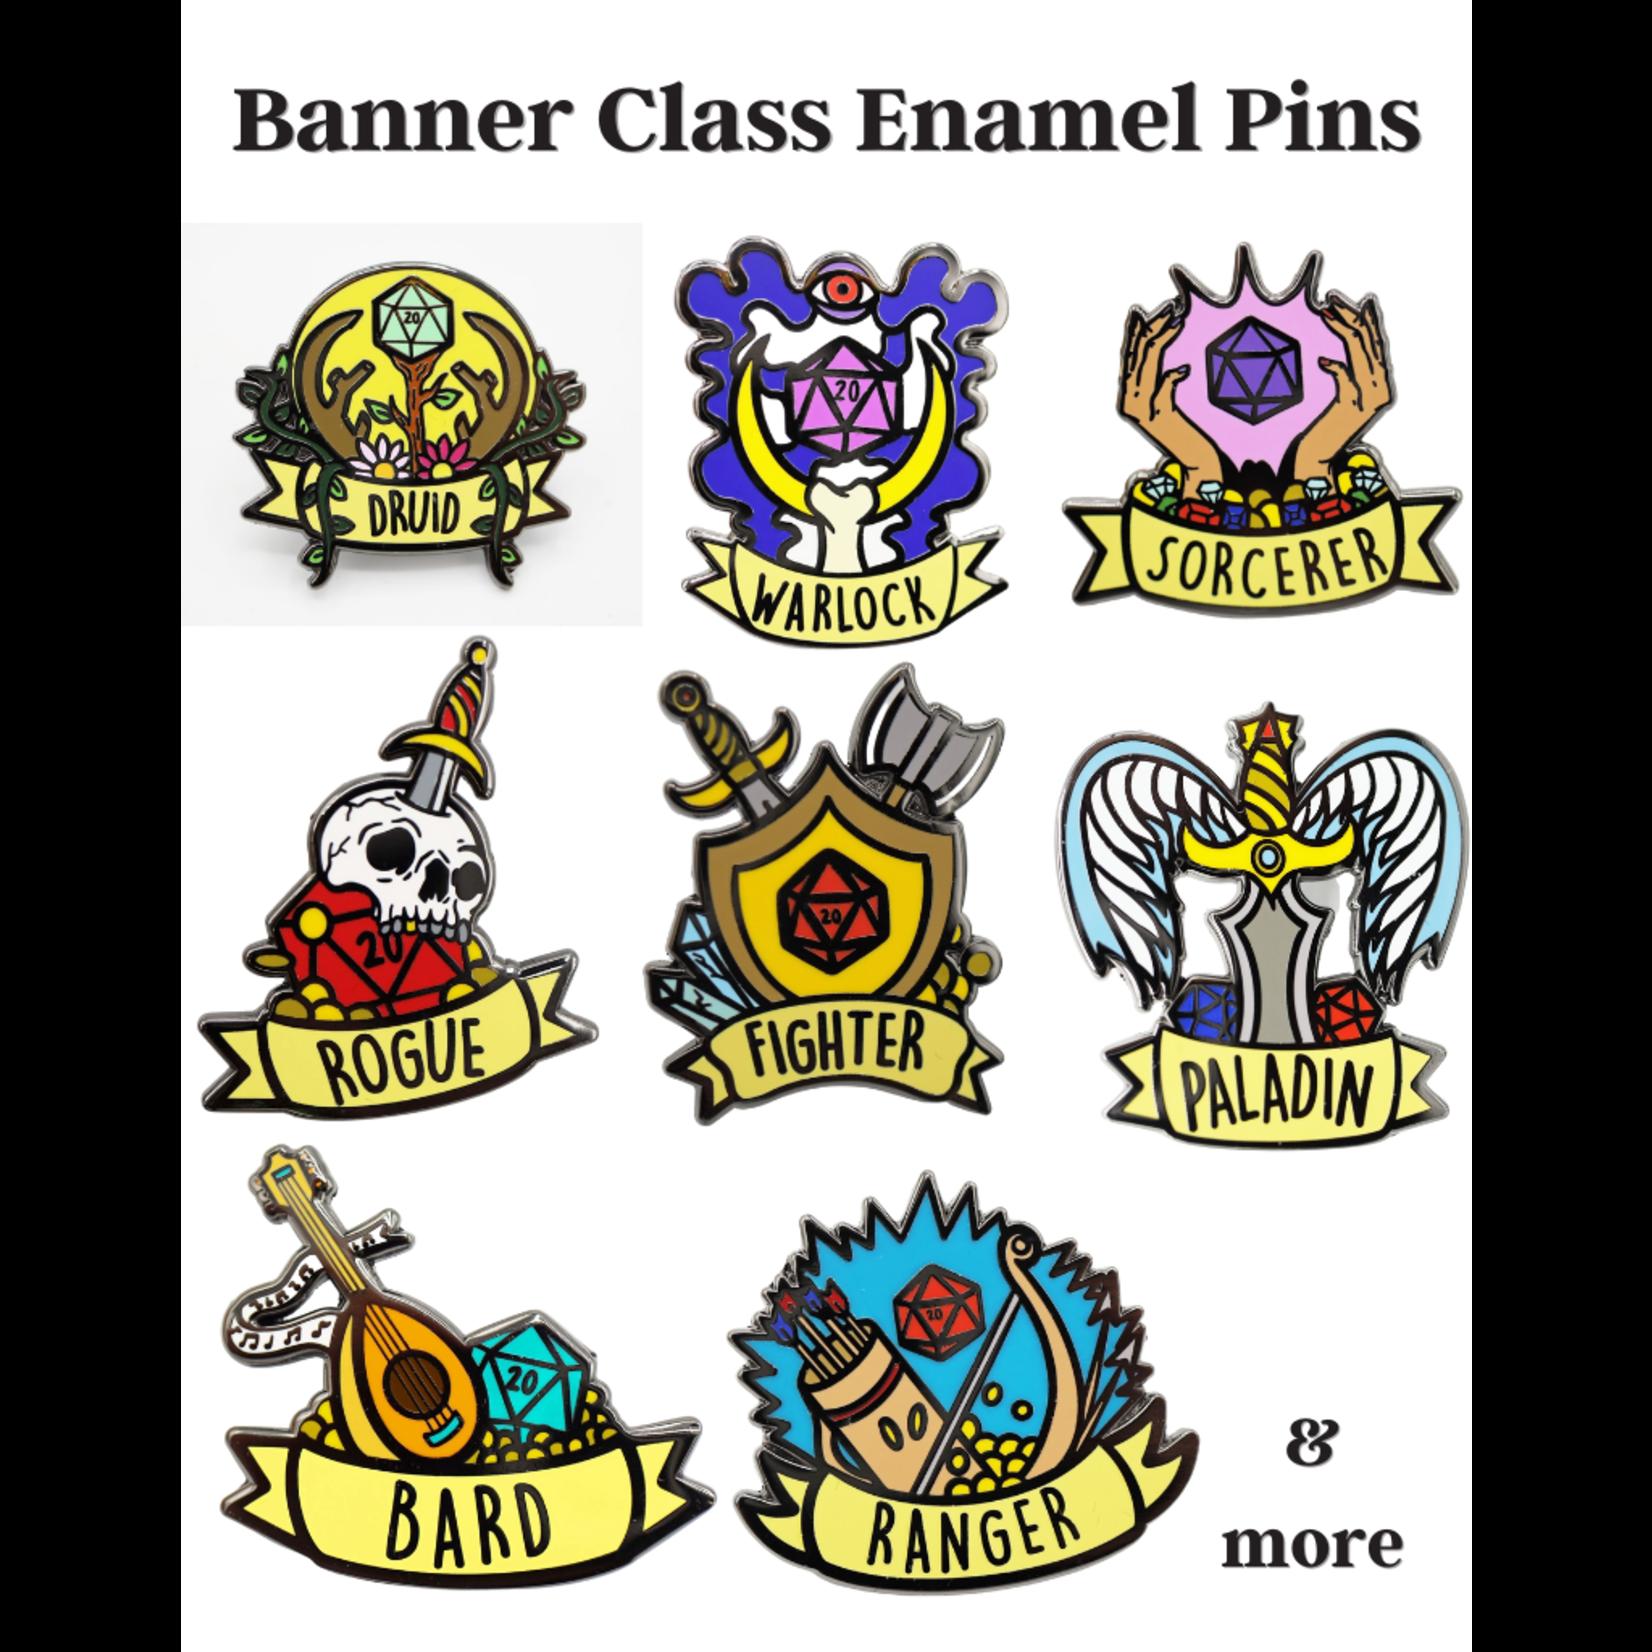 Banner Class Enamel Pins